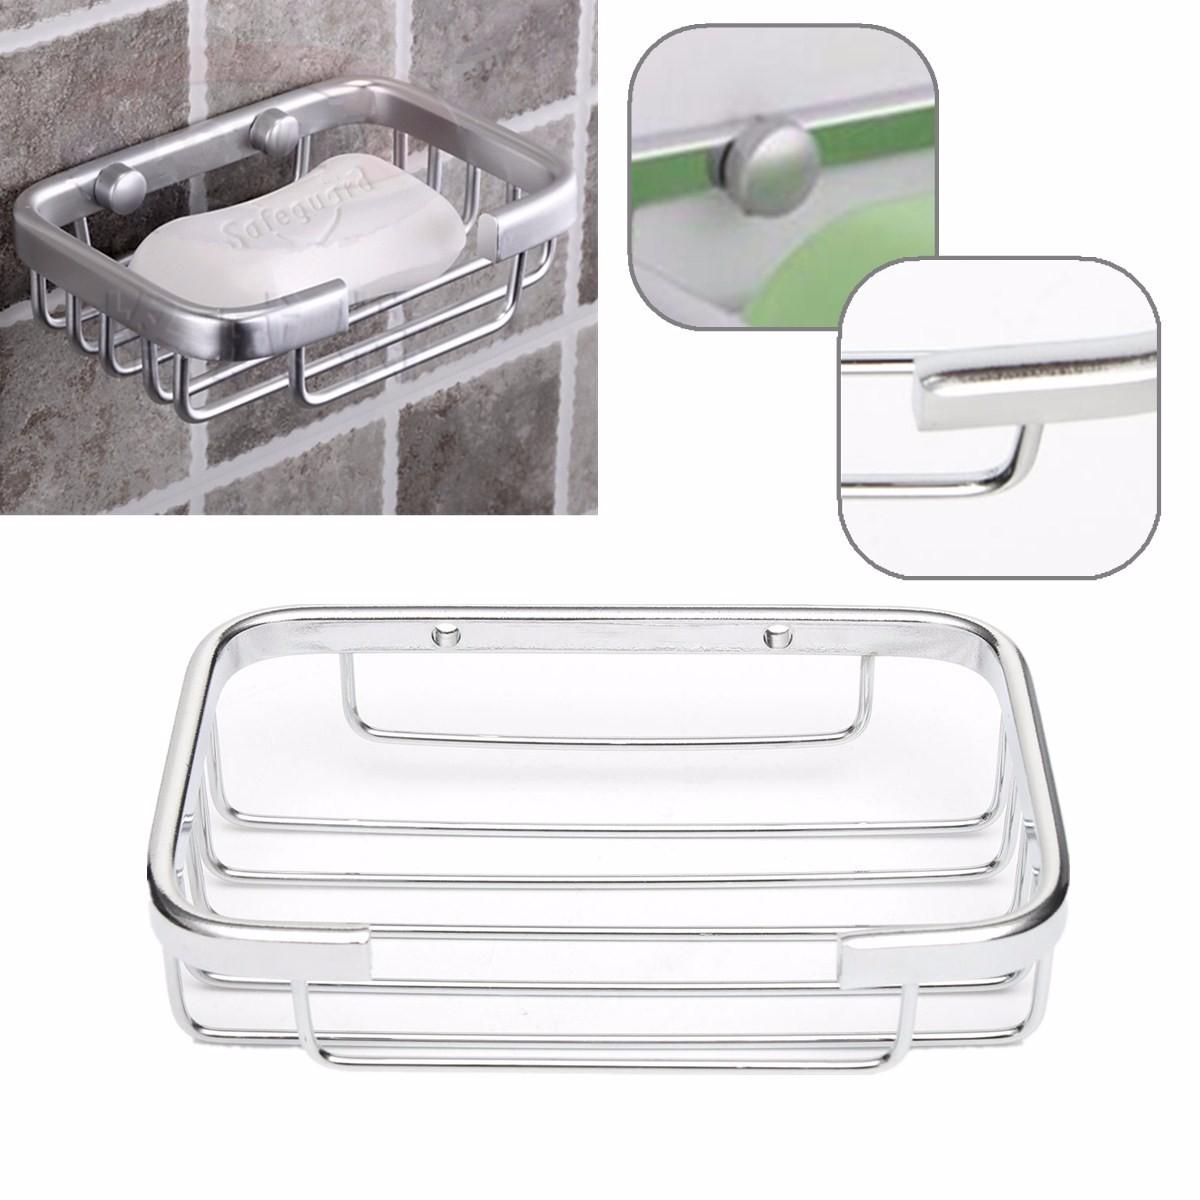 support porte savon en acier inox panier pr savonnette douche vis salle de bain achat vente. Black Bedroom Furniture Sets. Home Design Ideas